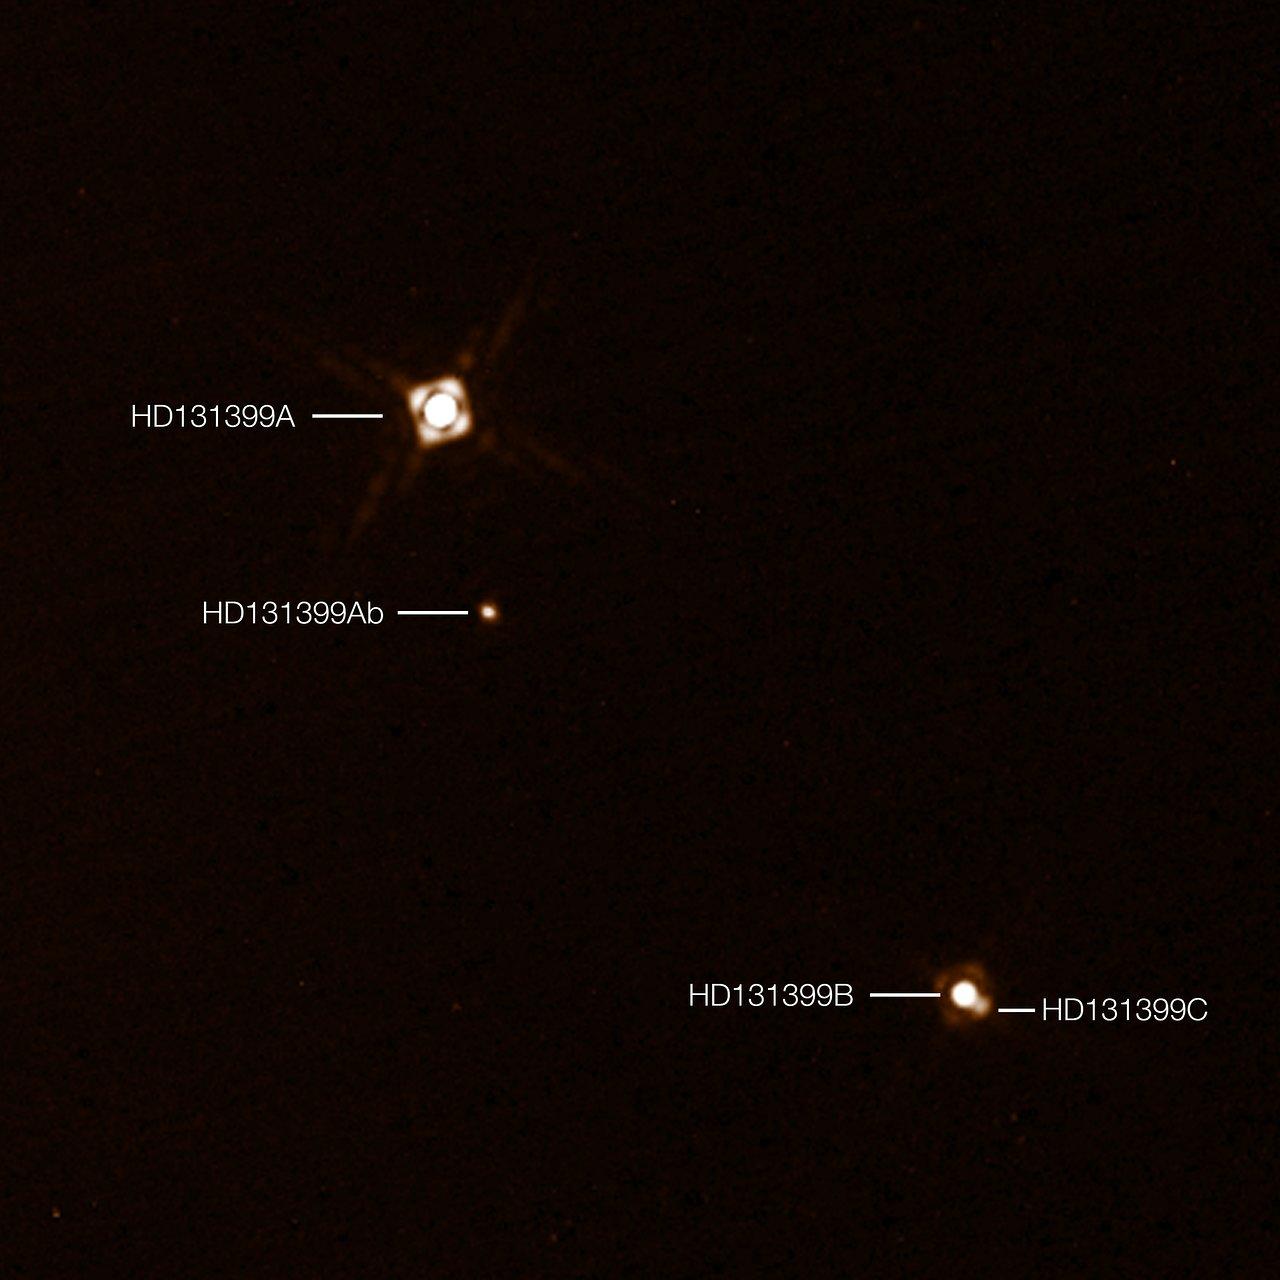 Esta composición con anotaciones muestra el exoplaneta HD 131399Ab, recientemente descubierto en el sistema triple de estrellas HD 131399. Las imágenes del planeta fueron obtenidas con el instrumento SPHERE, instalado en el VLT (Very Large Telescope) de ESO, en Chile. Este es el primer exoplaneta descubierto por SPHERE y uno de los pocos planetas de los que se ha obtenido una imagen directa. Con una temperatura de alrededor de 580 grados centígrados y una masa estimada de cuatro masas de Júpiter, es también uno de los exoplanetas más fríos y menos masivos captados con imagen directa.